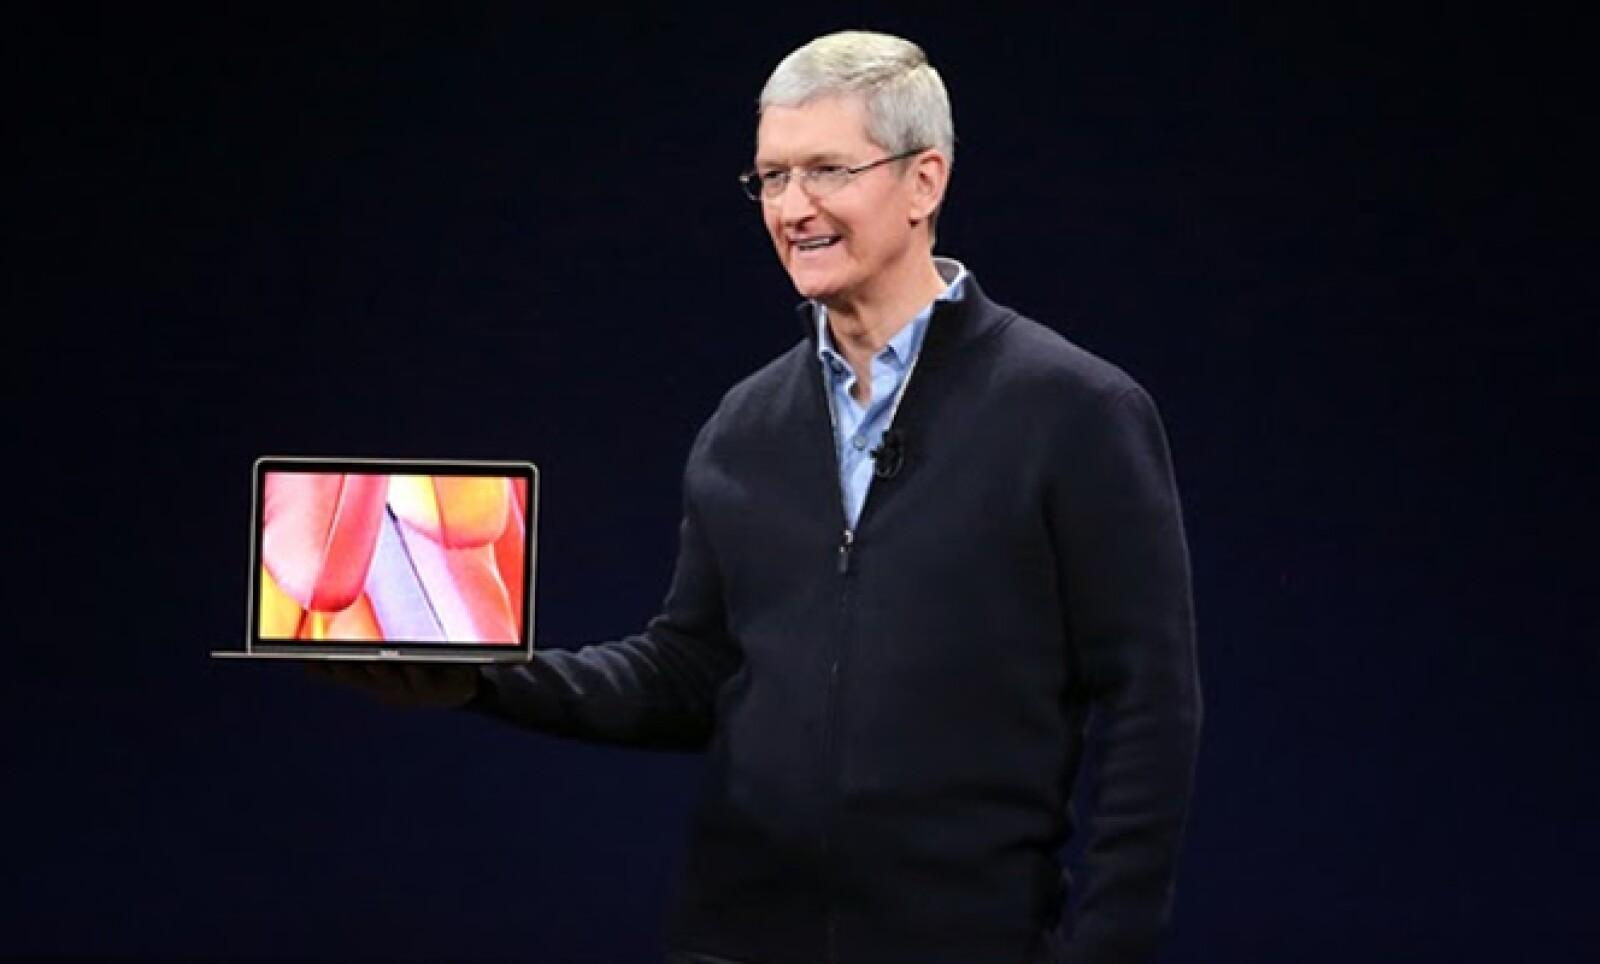 El costo inicial será de 1,299 dólares, y 1,599 dólares con un procesador más rápido. Llega al mercado a partir del 10 de abril .